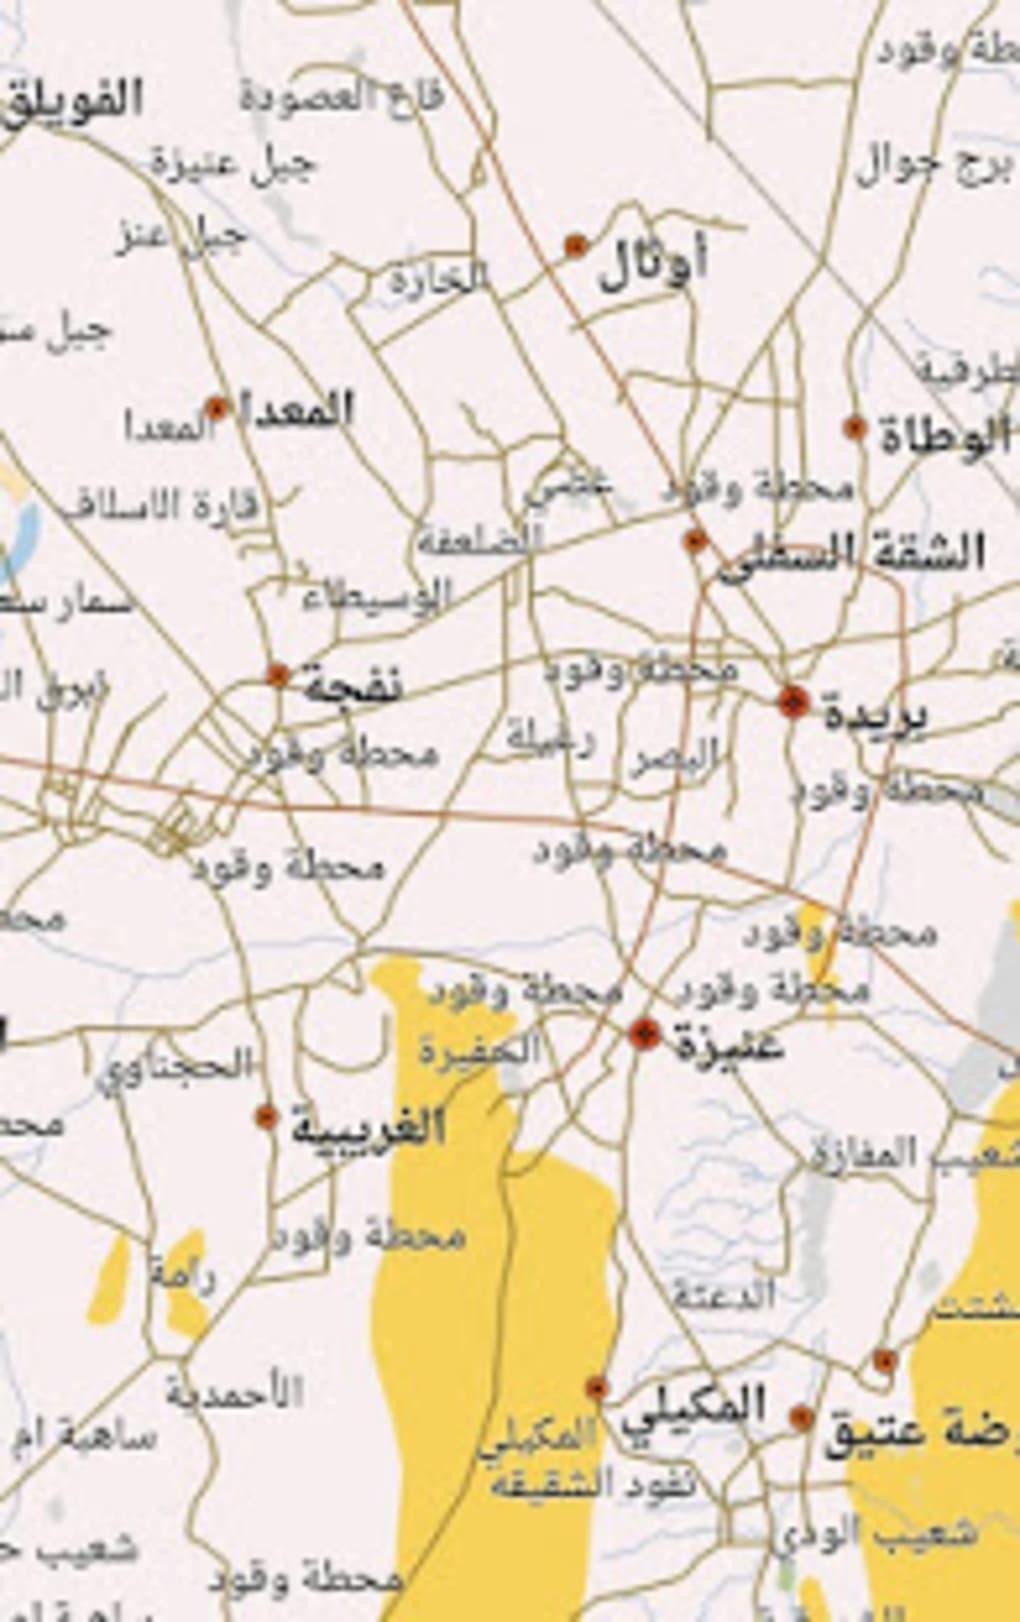 تحميل خرائط الصحراء السعودية مجانا